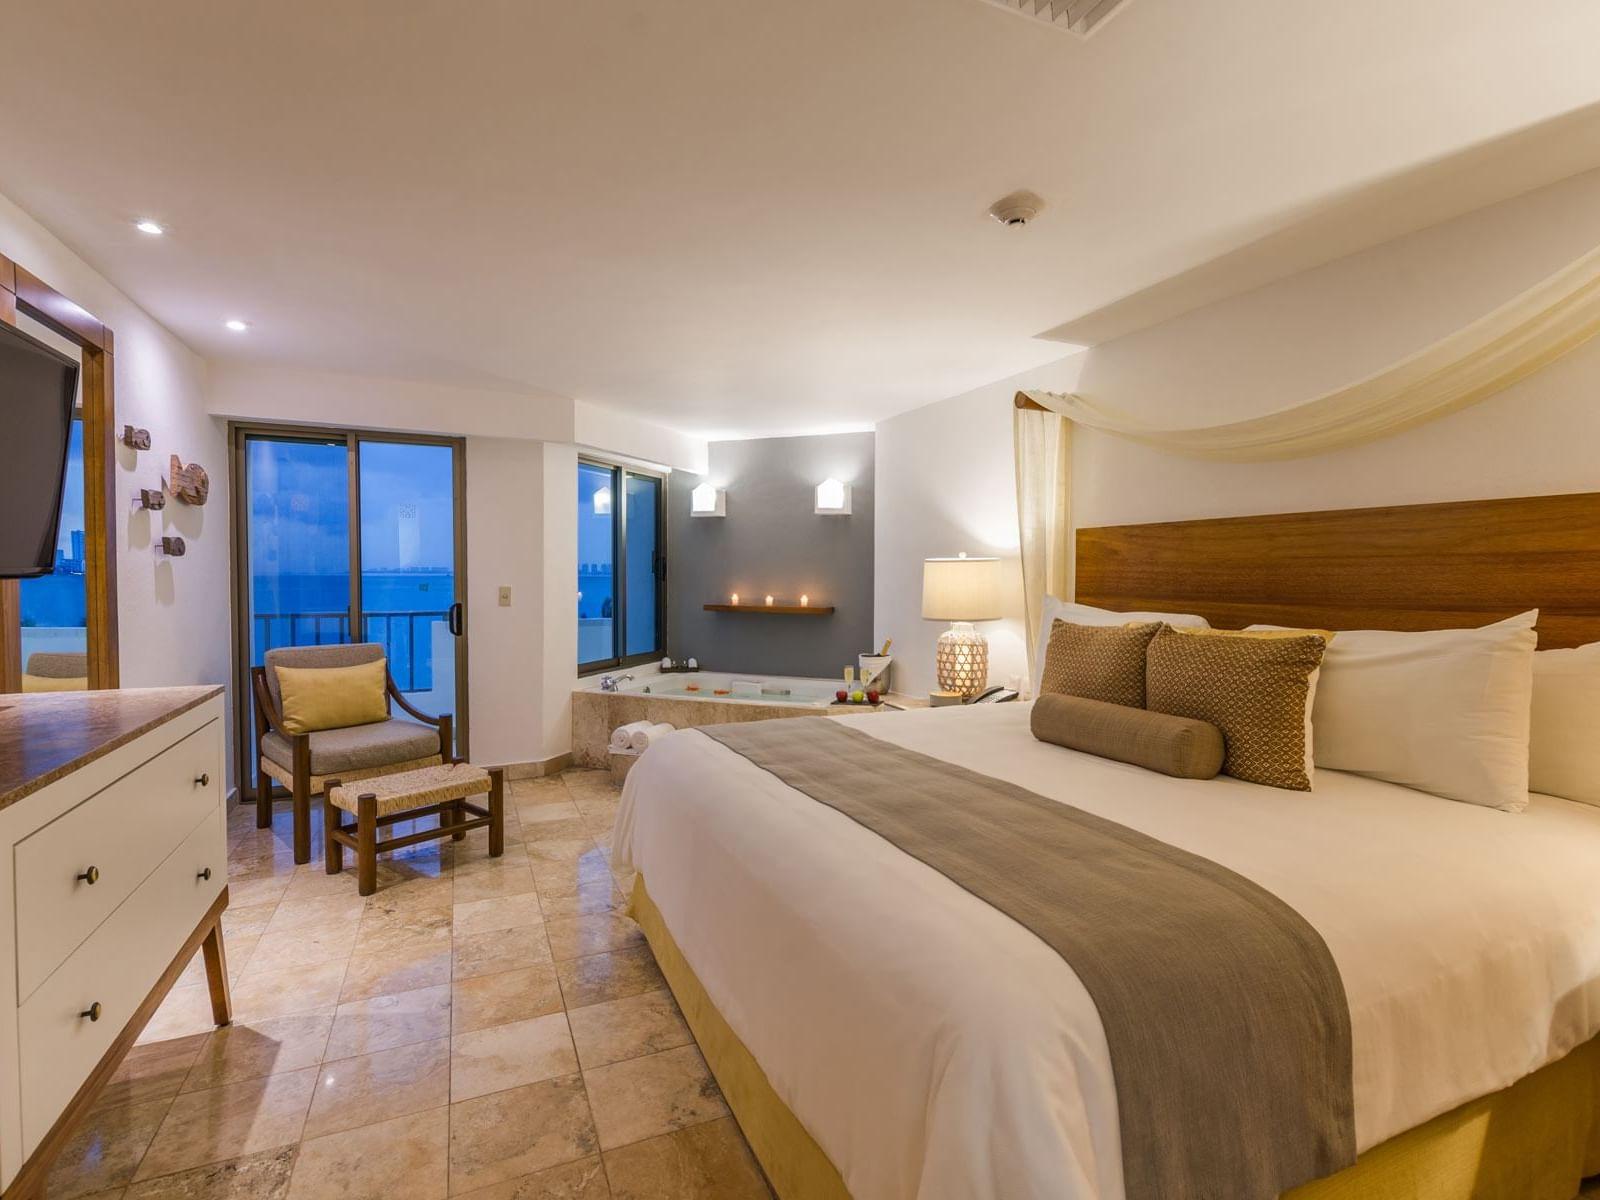 Habitación con cama extragrande y spa interior